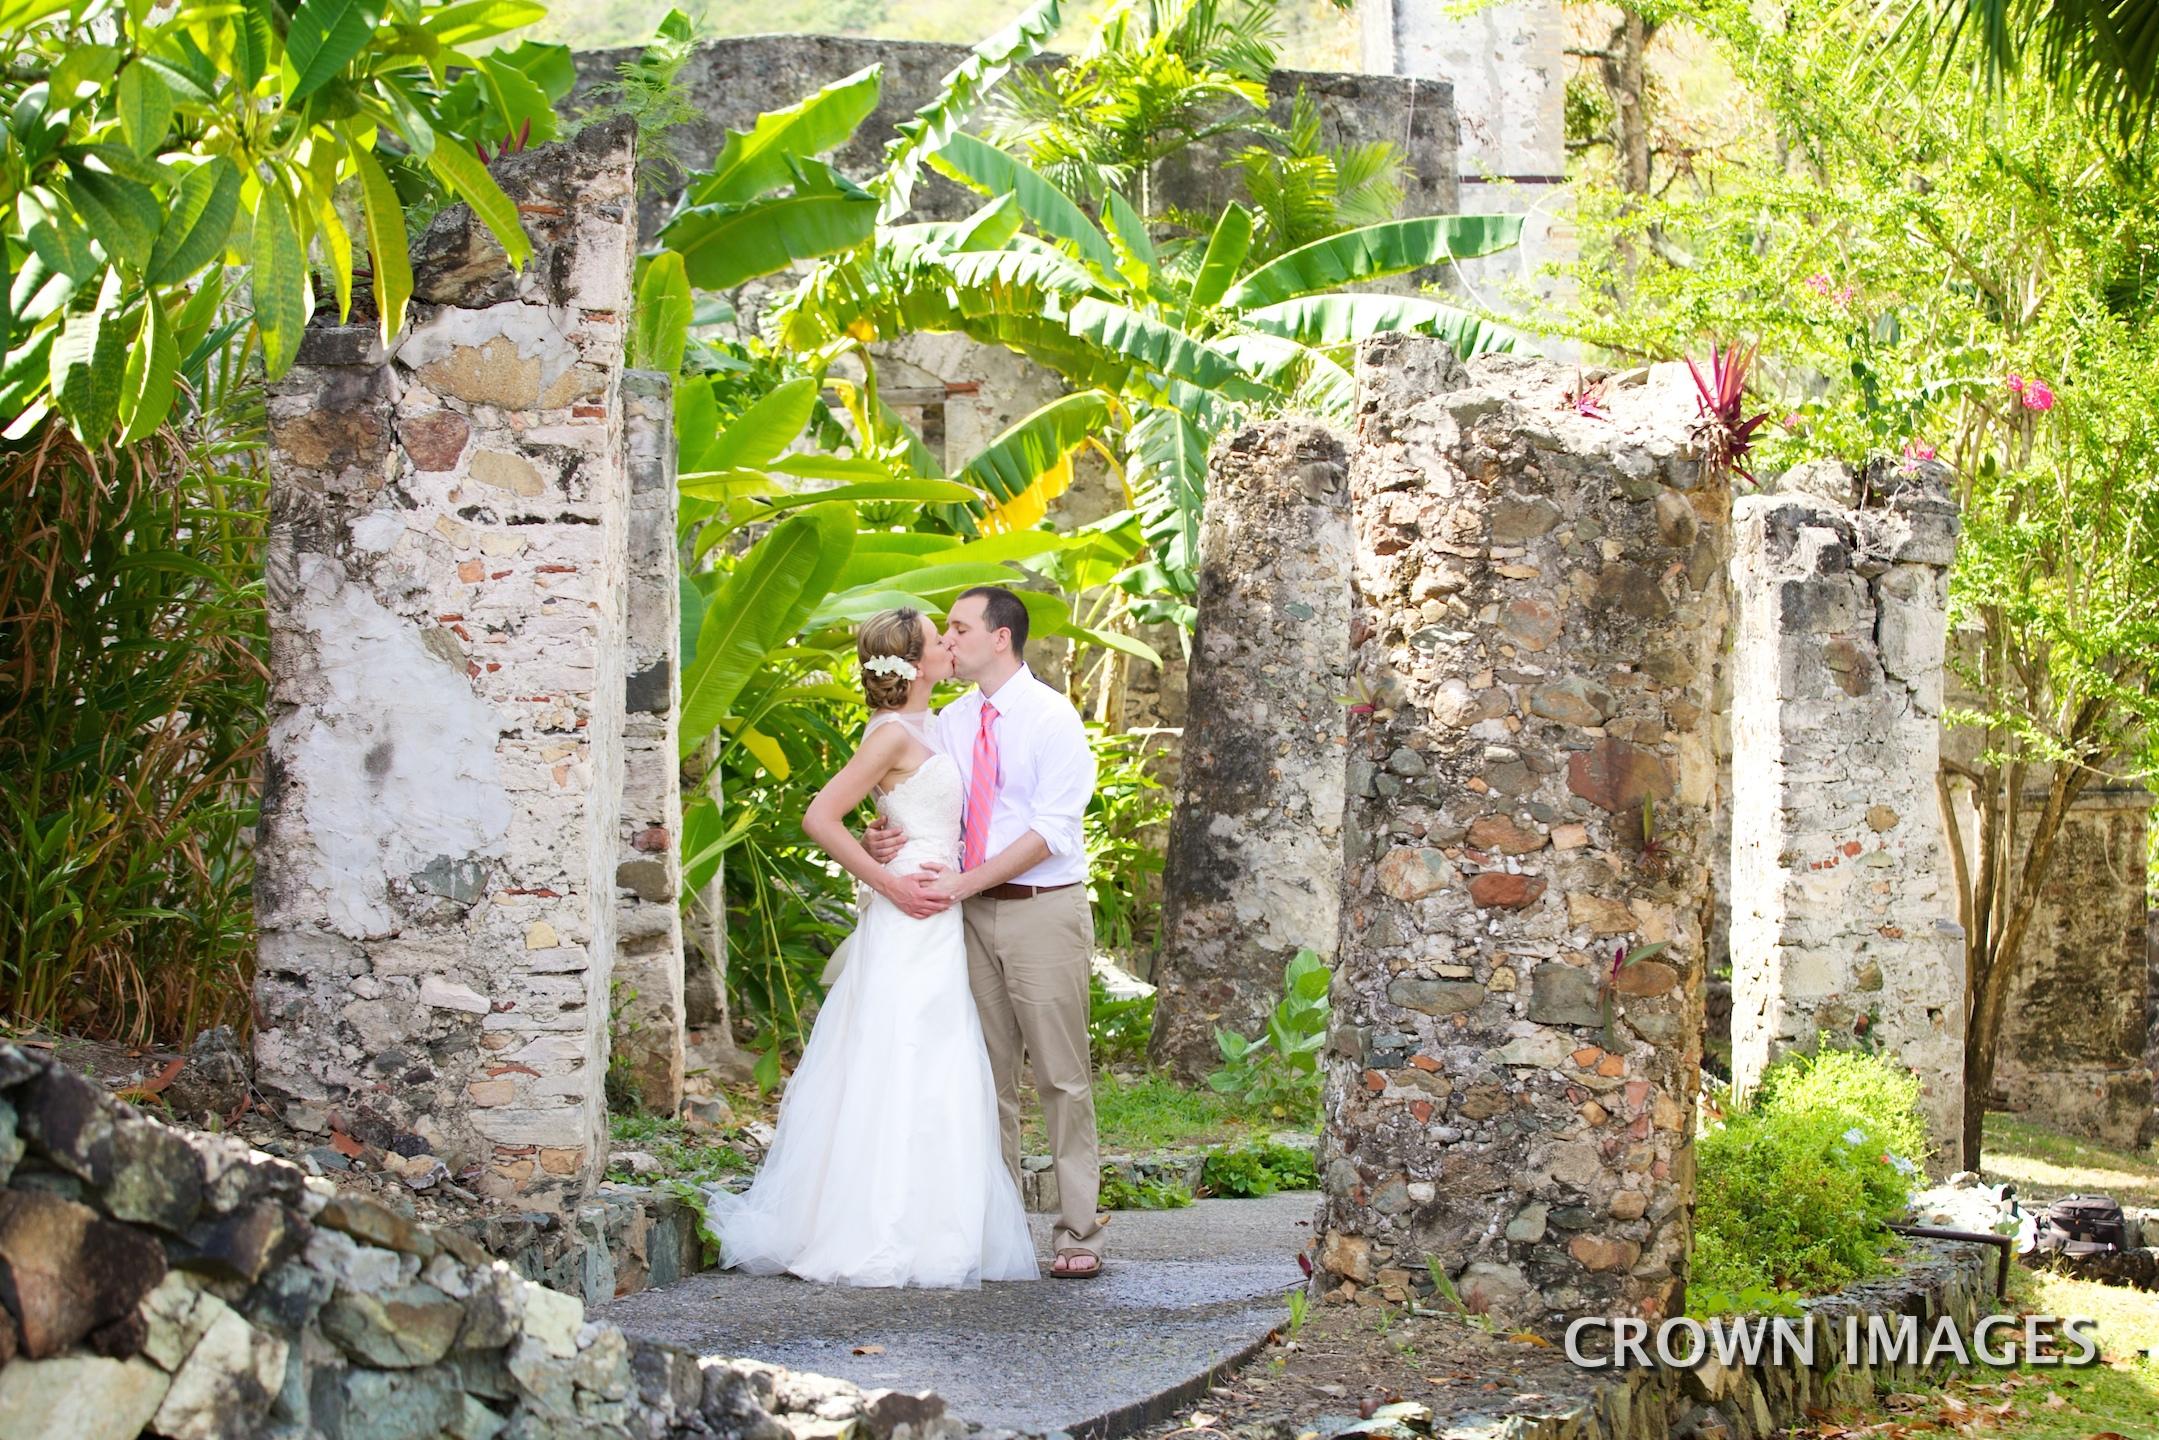 crown images IMG_9055.jpg